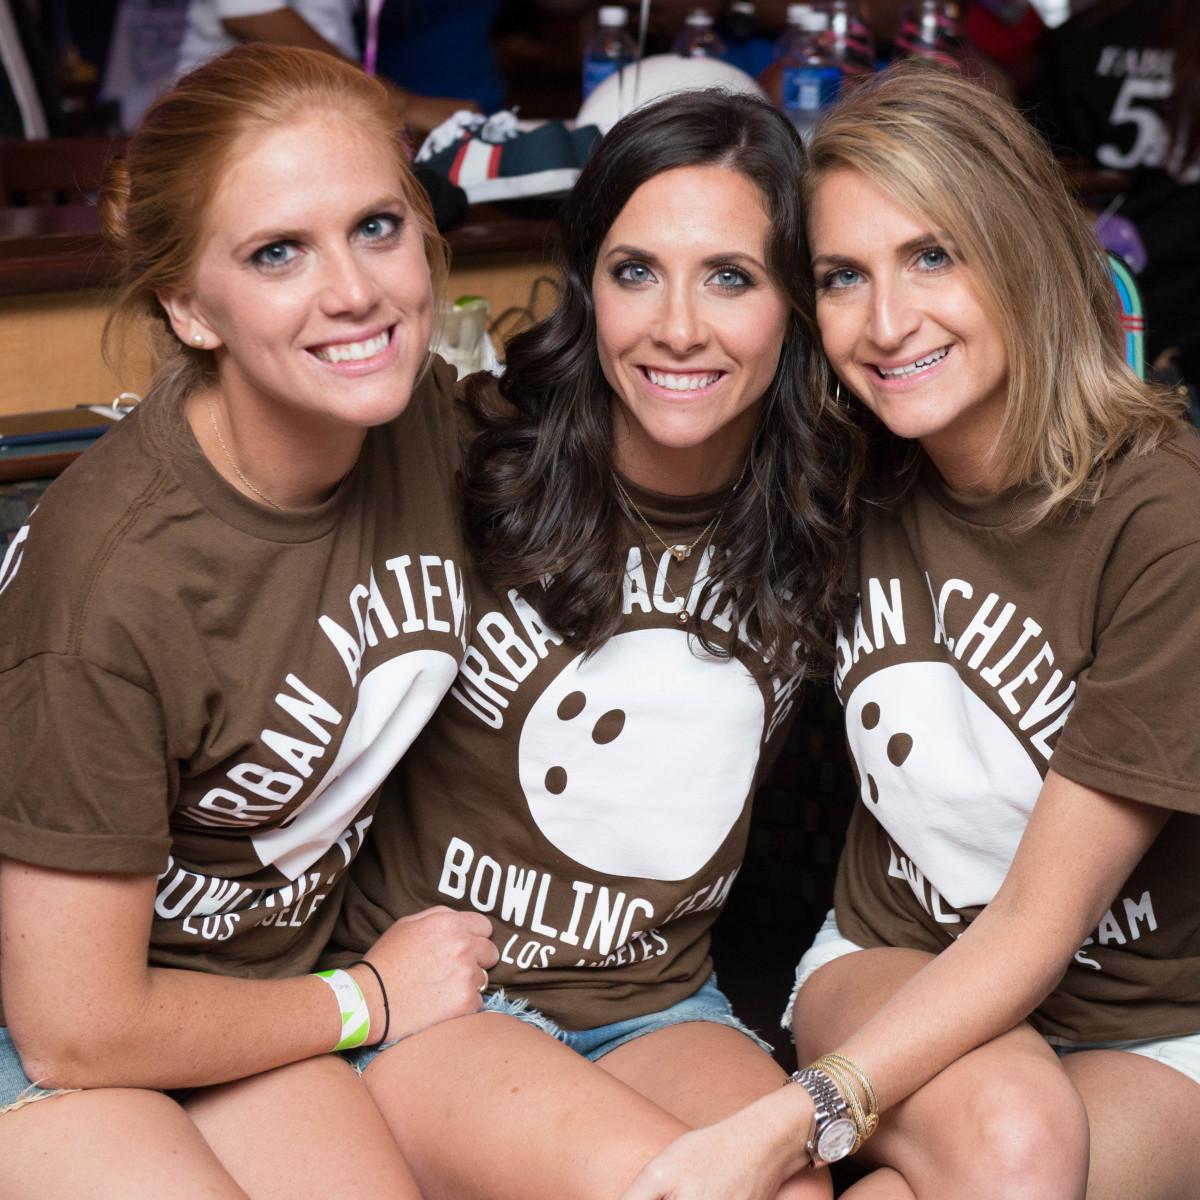 Chester Pitts bowling event Amber Hartland, Hannah McNair, Sarah Hartland